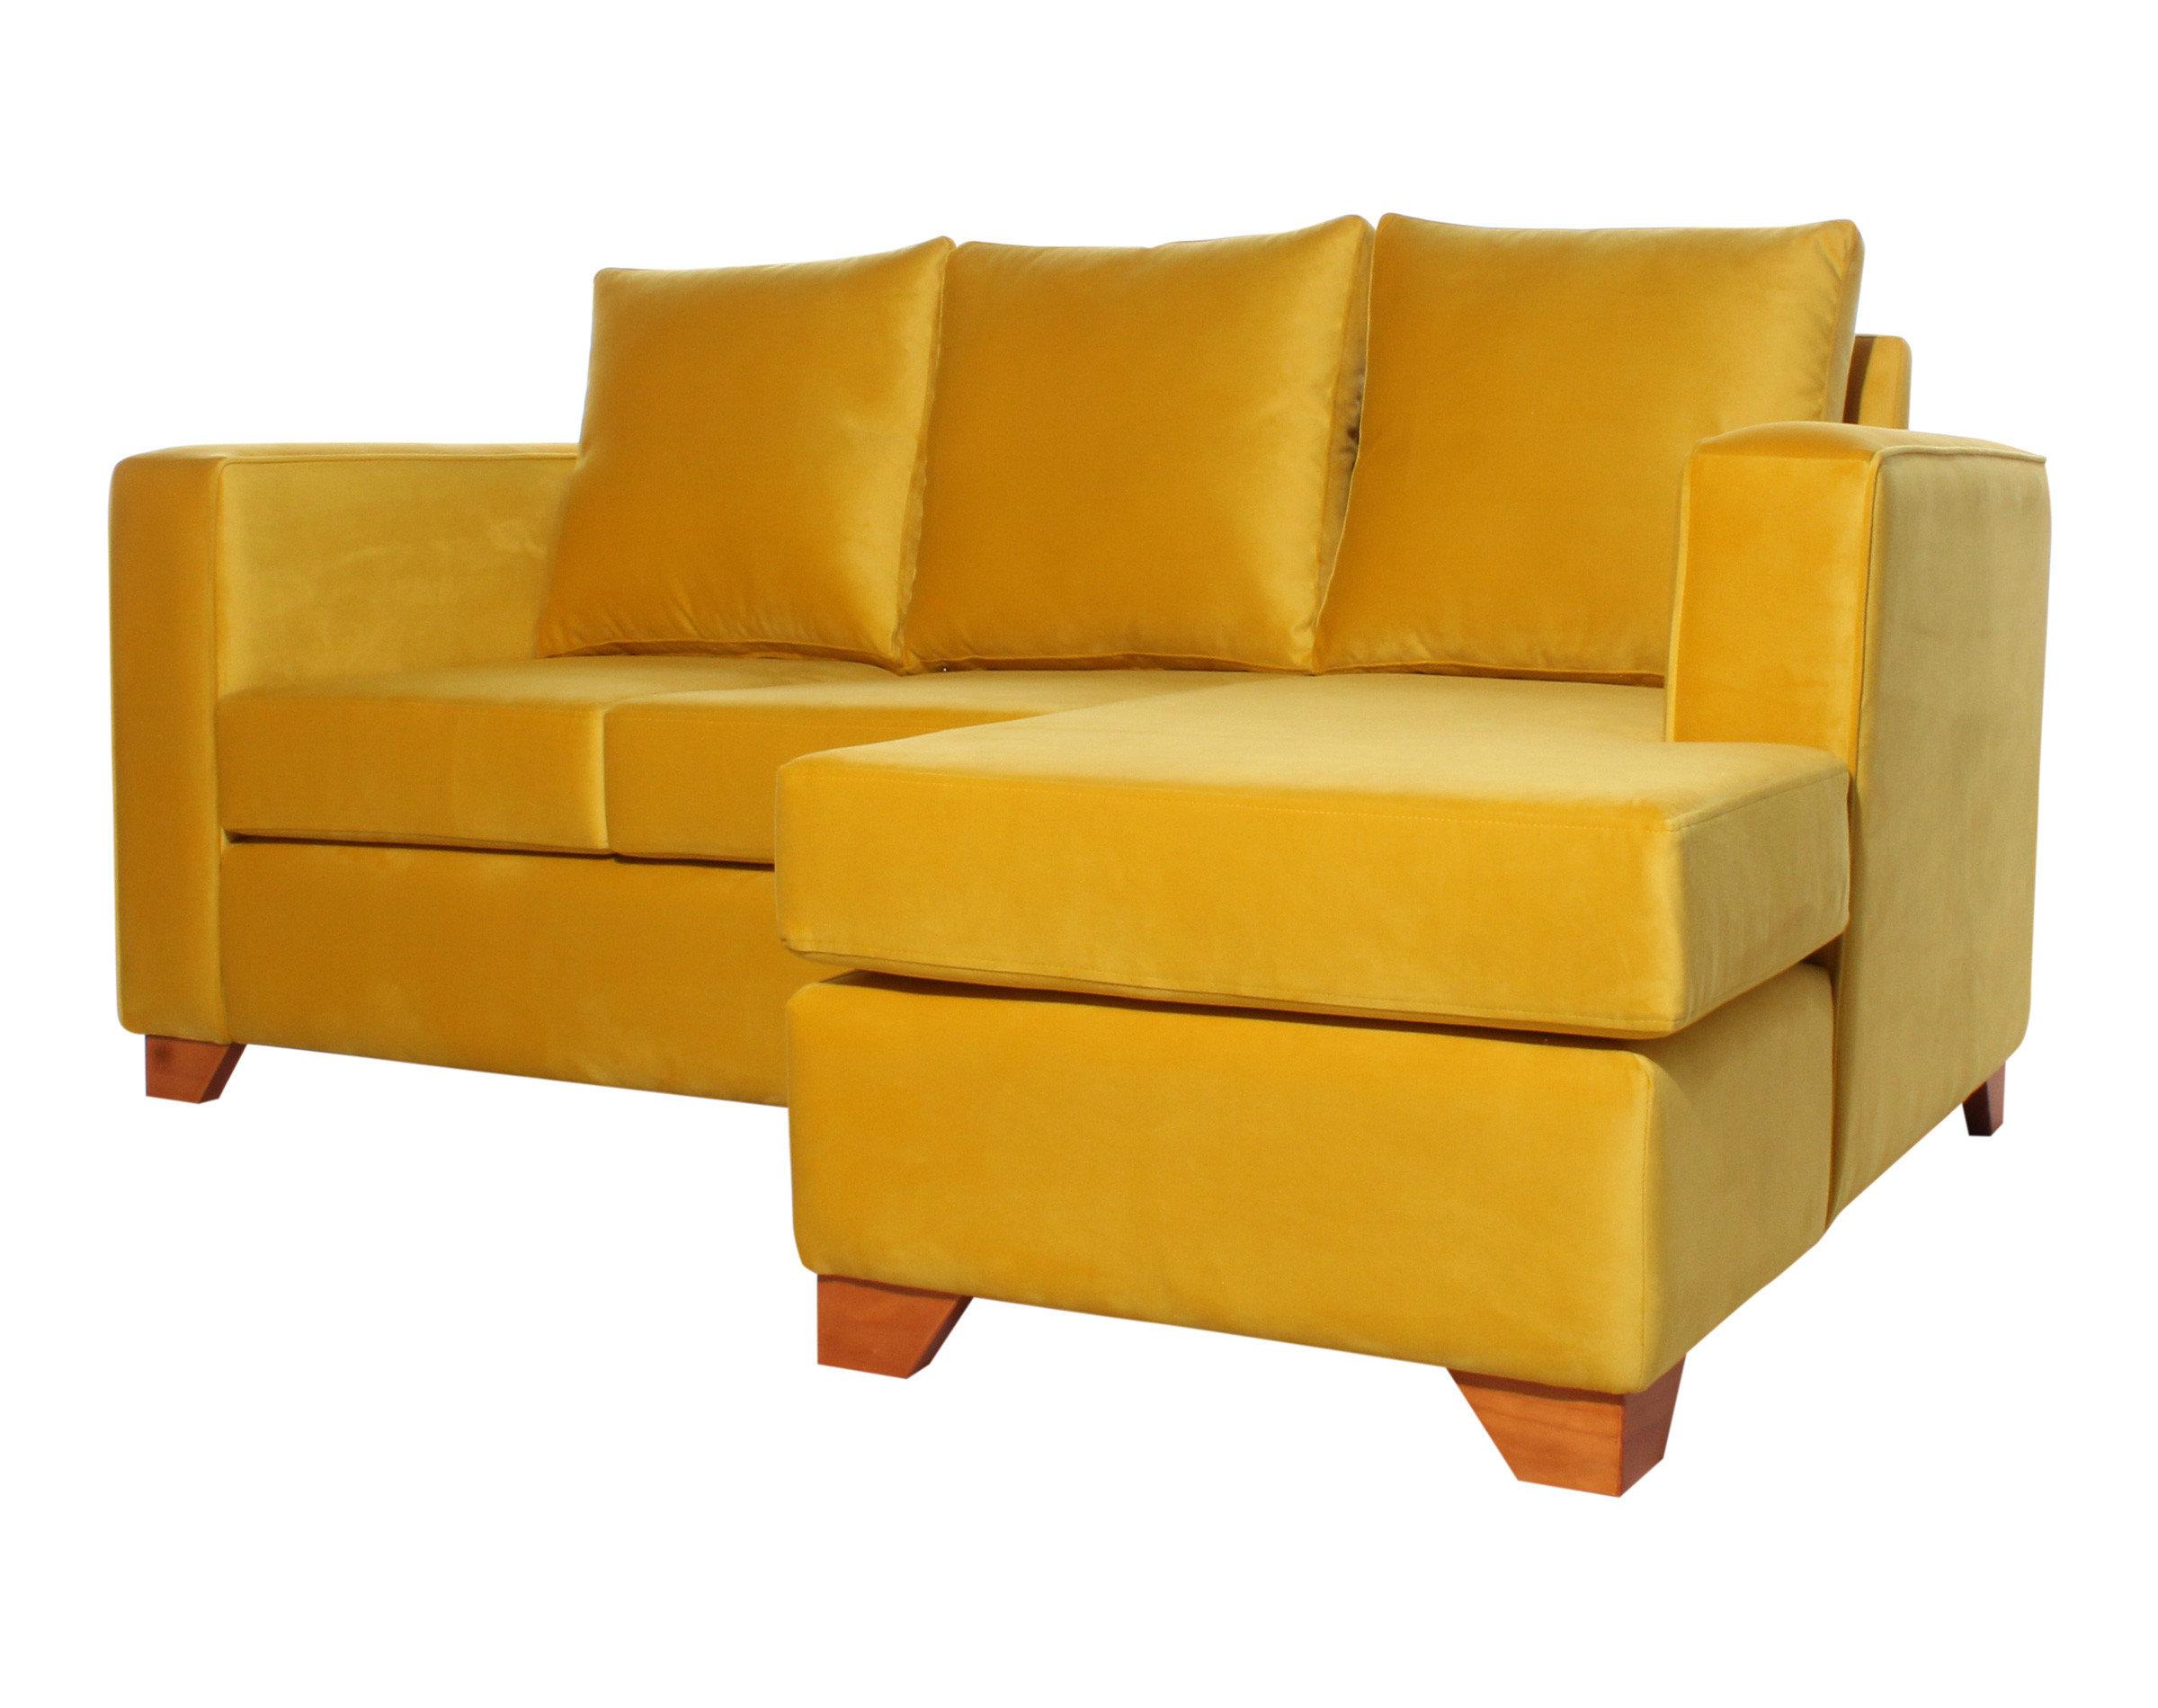 sofá modular seccional